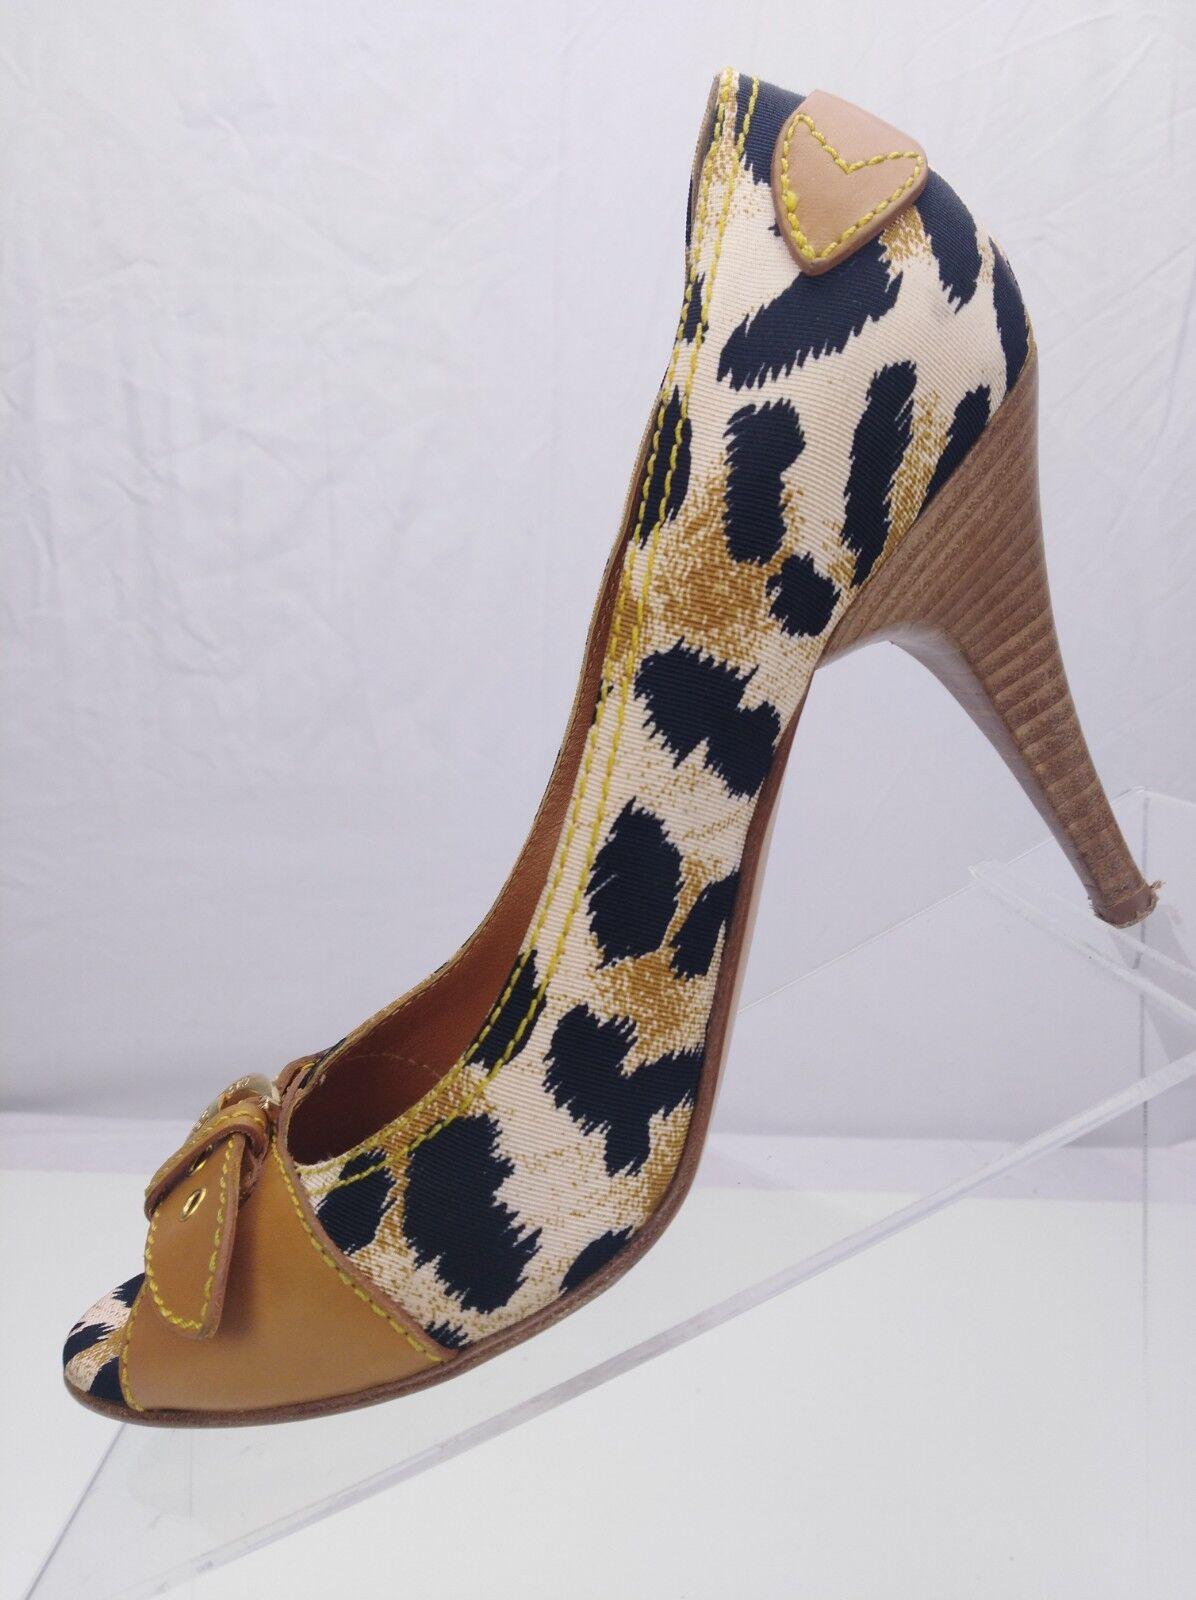 Casadei Heels- Peep Toe Leopard Prints Prints Prints Classic Pumps  femmes 8.5 marron Blck faaca4